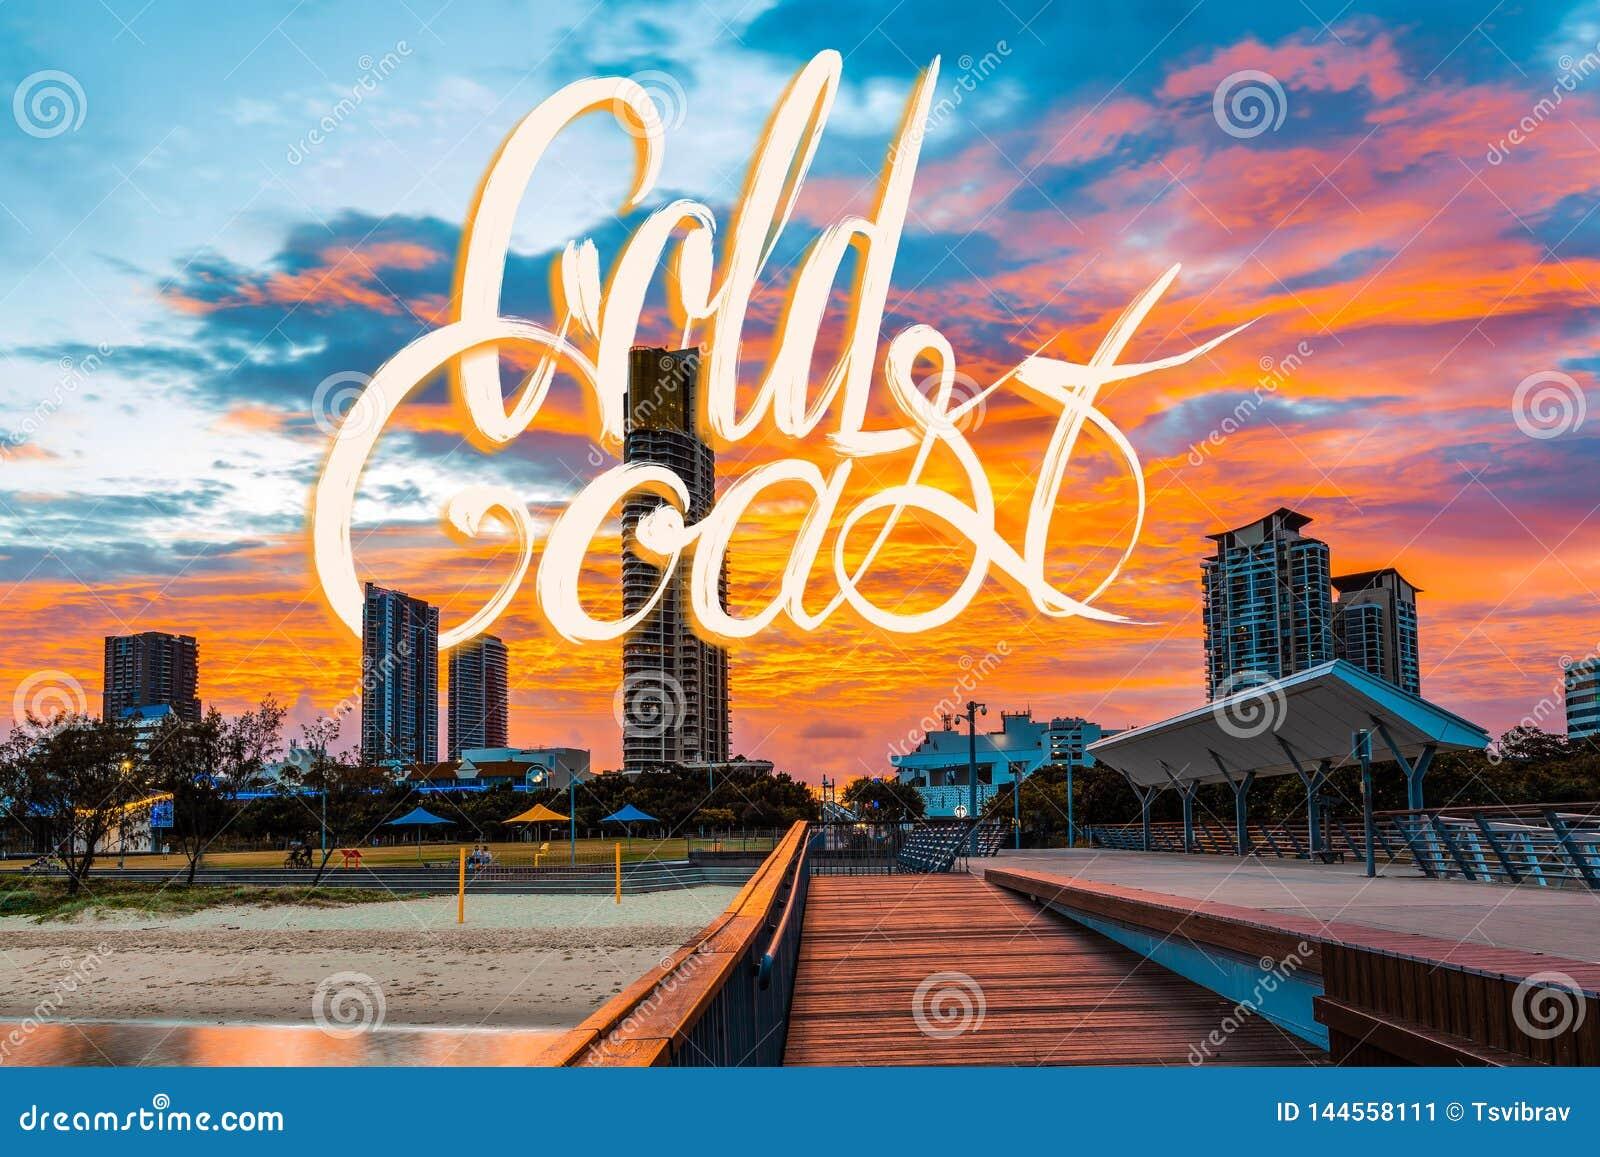 Gold Coast marquant avec des lettres sur la photographie du beau coucher du soleil orange vif au Queensland, Australie